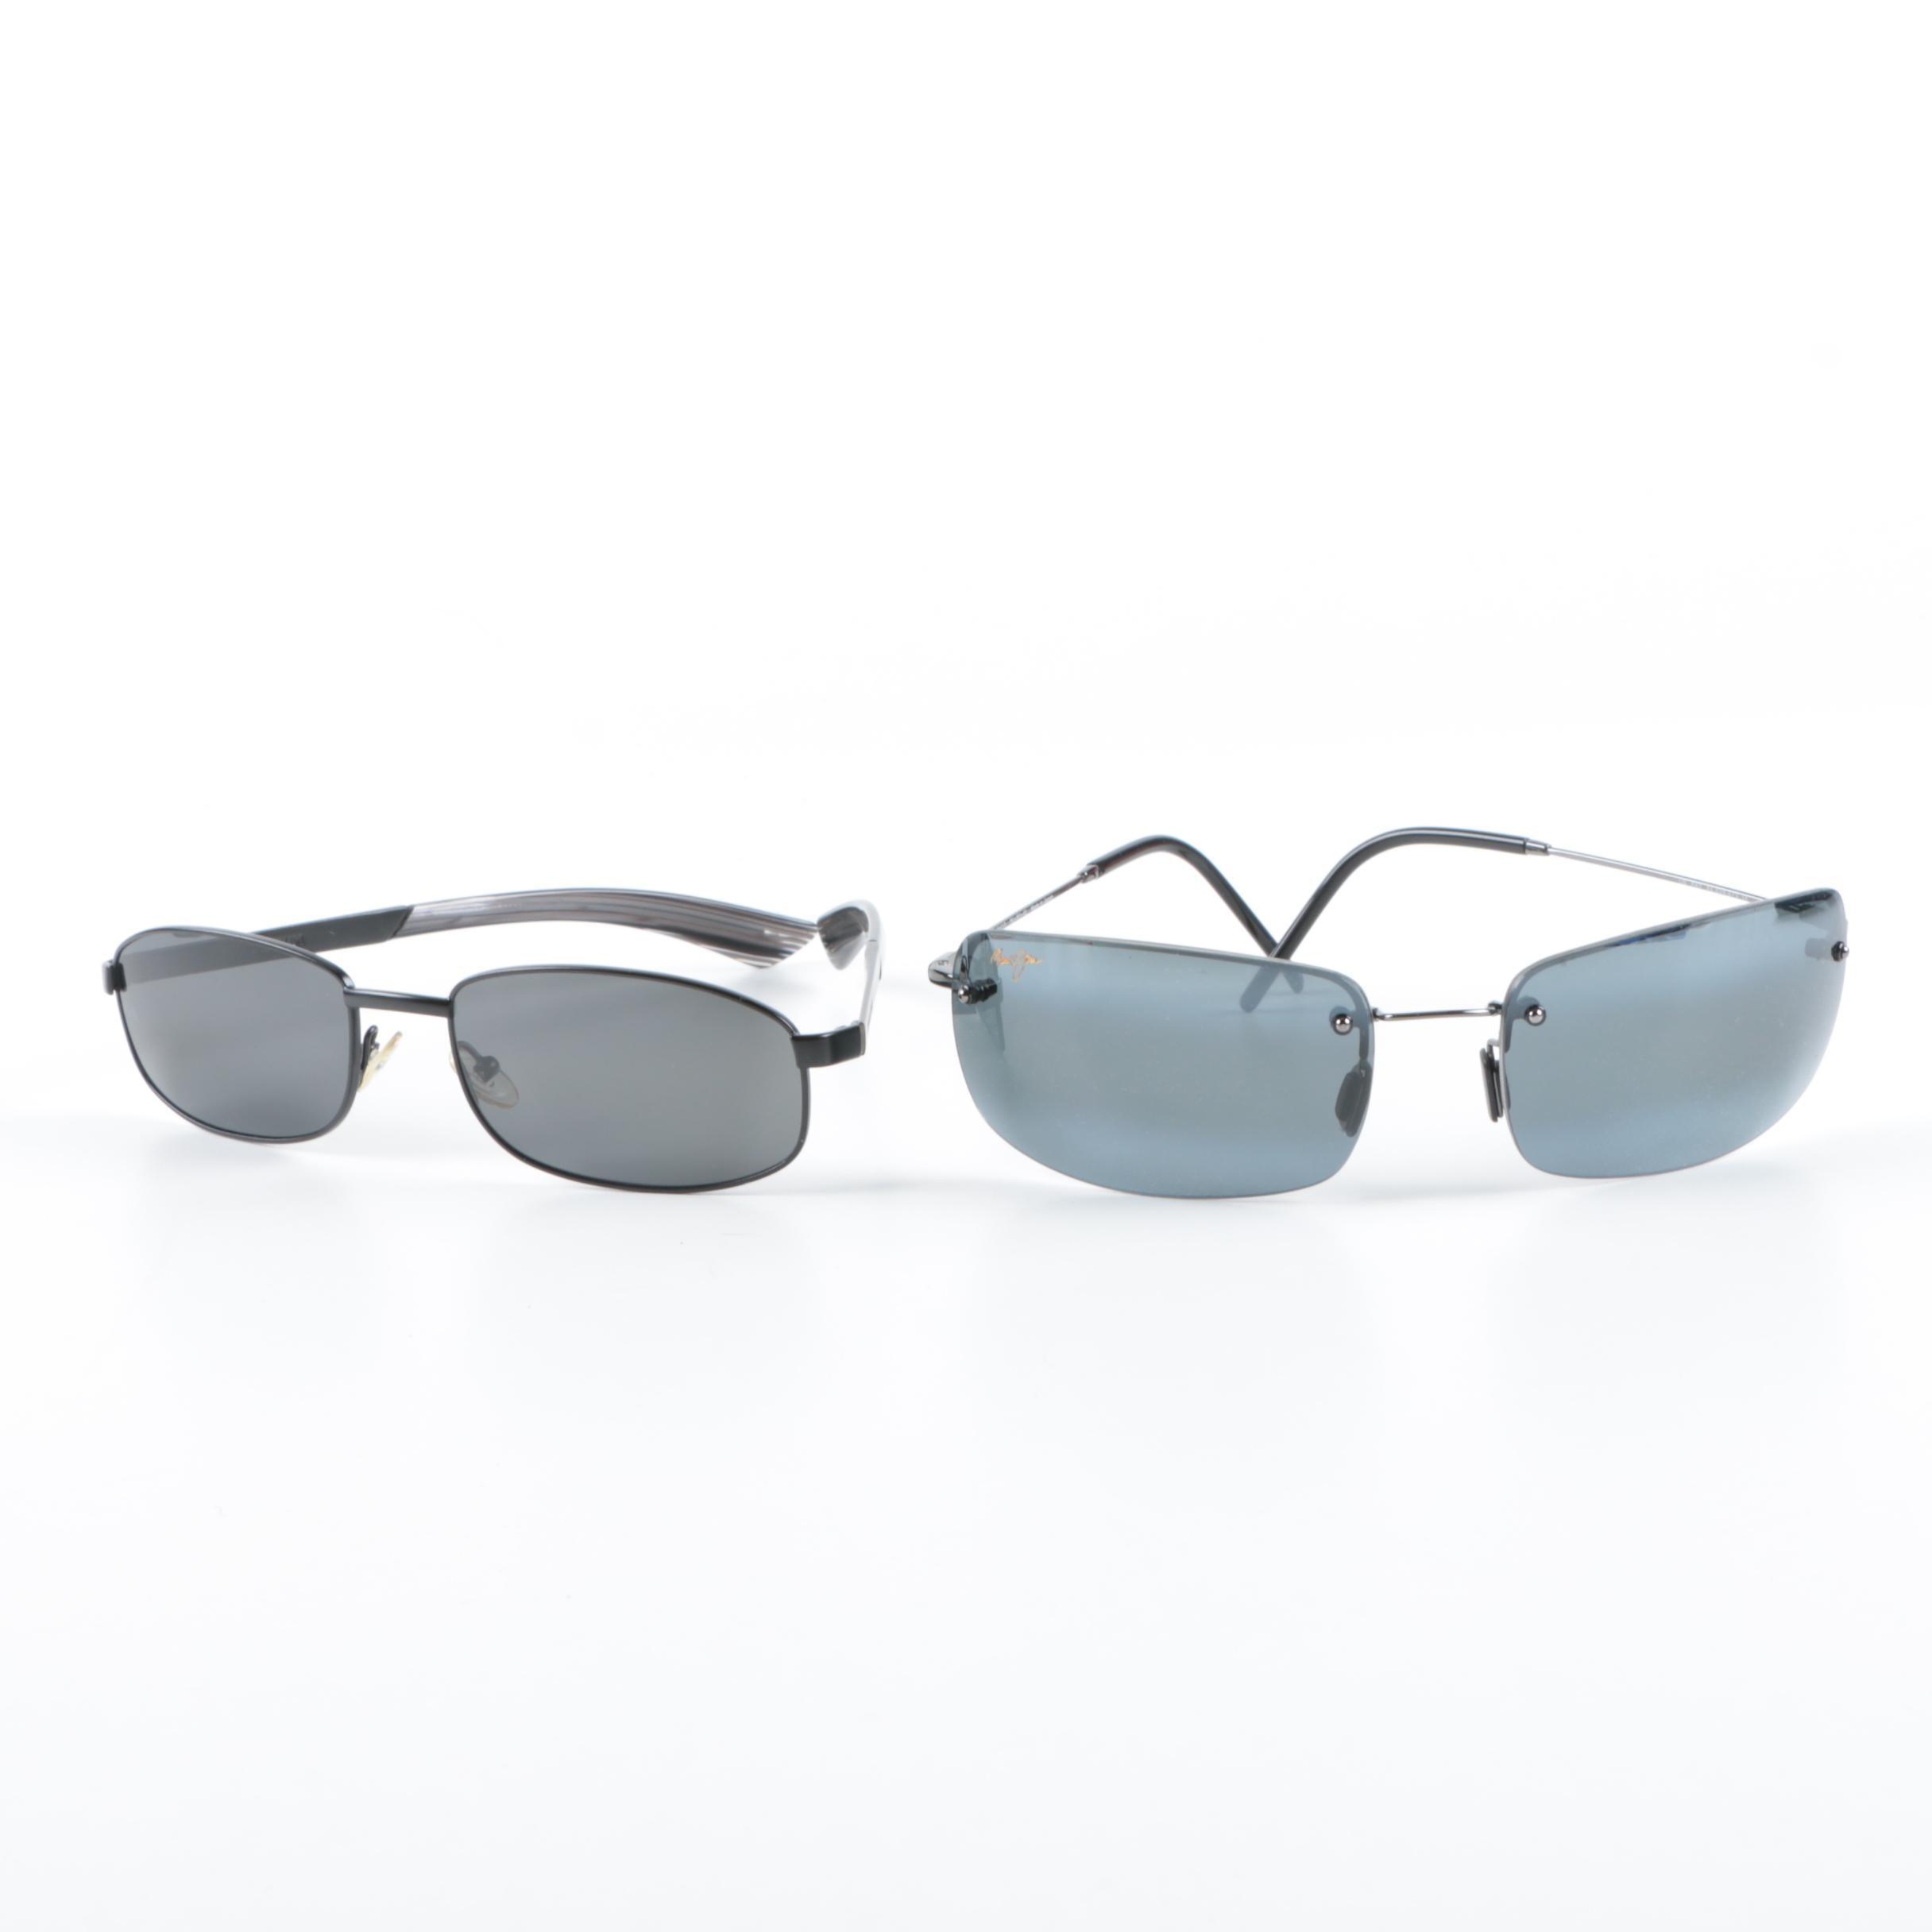 Giorgio Armani and Maui Jim Flexon Sunglasses with Cases